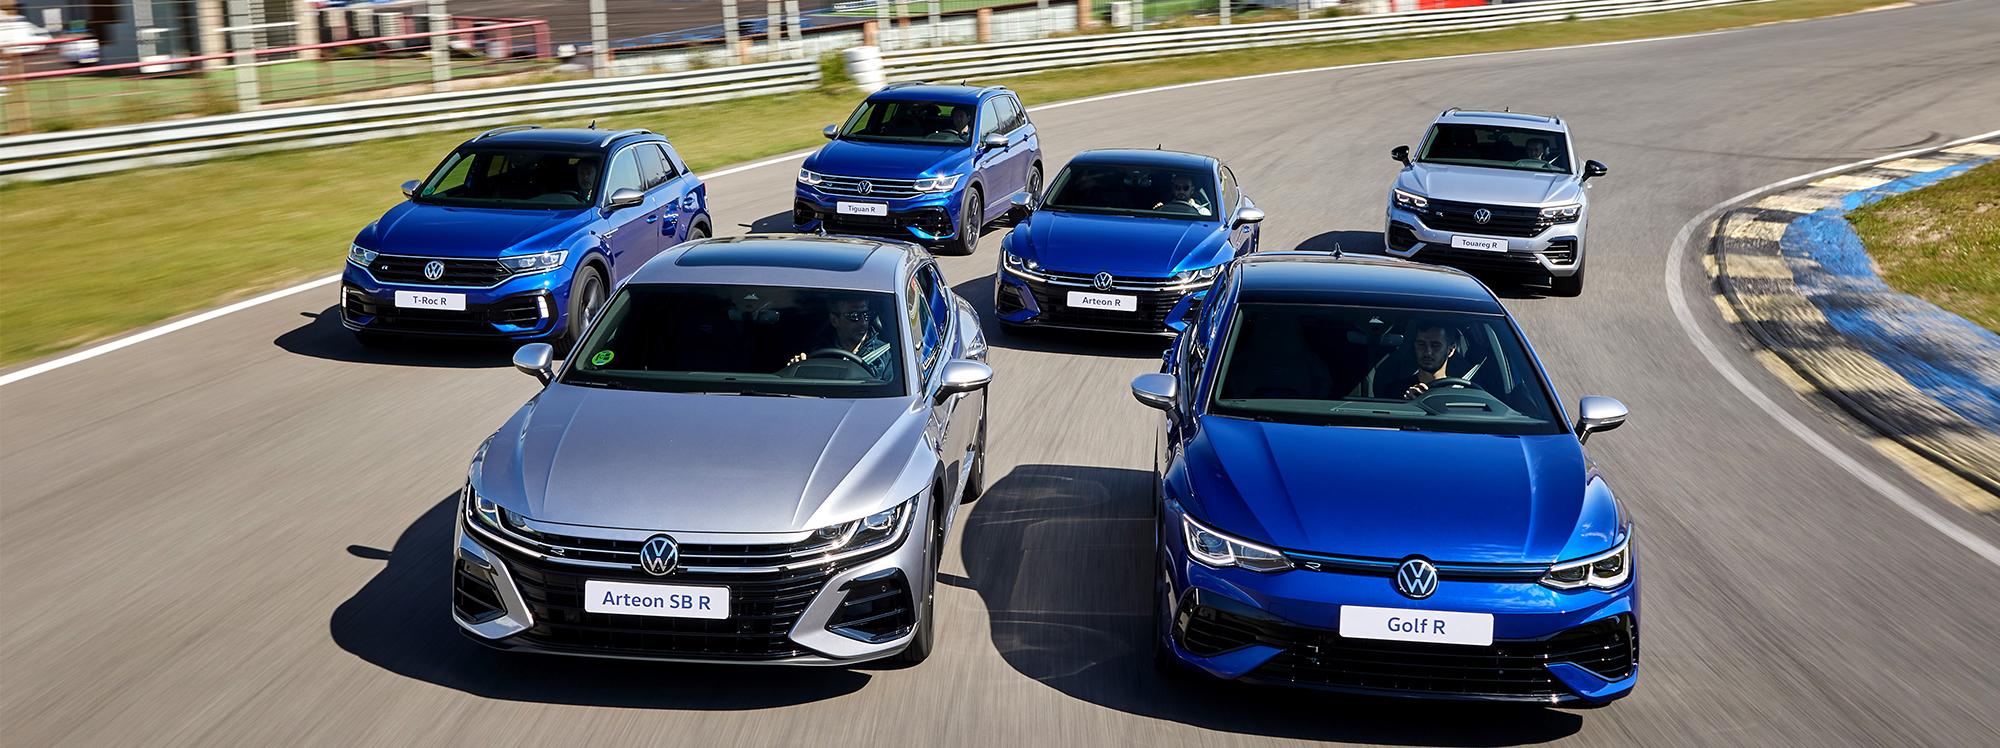 Volkswagen presenta la gama deportiva R más grande de su historia